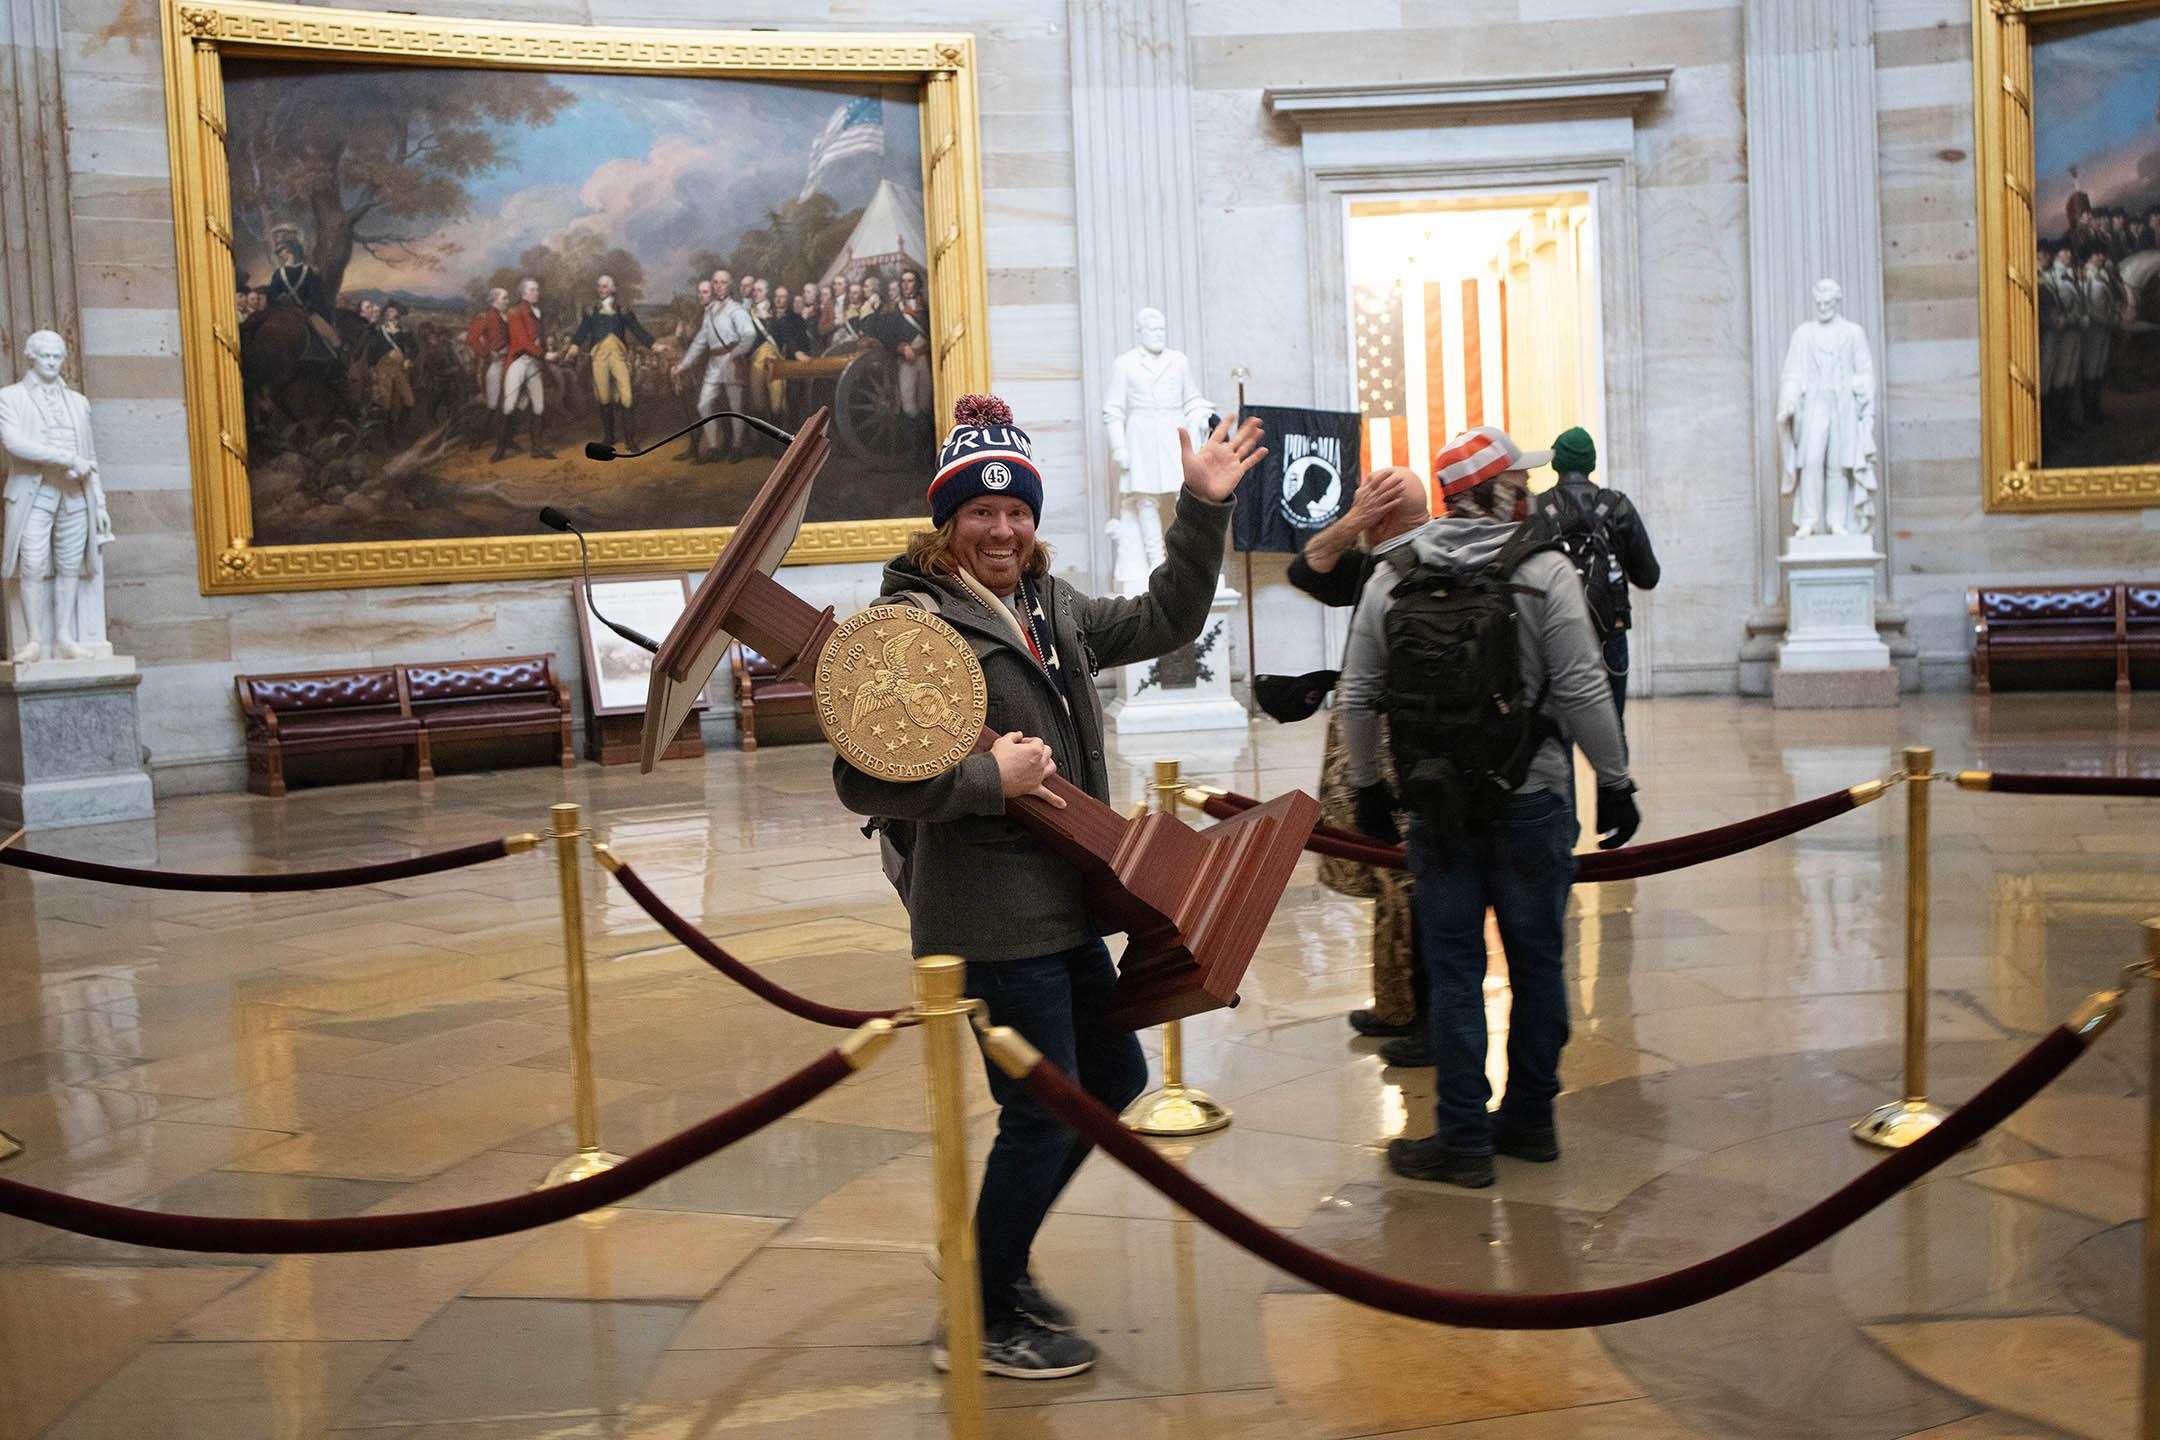 2021年1月6日華盛頓,一名親特朗普抗議者在美國國會大廈內搬走講台。